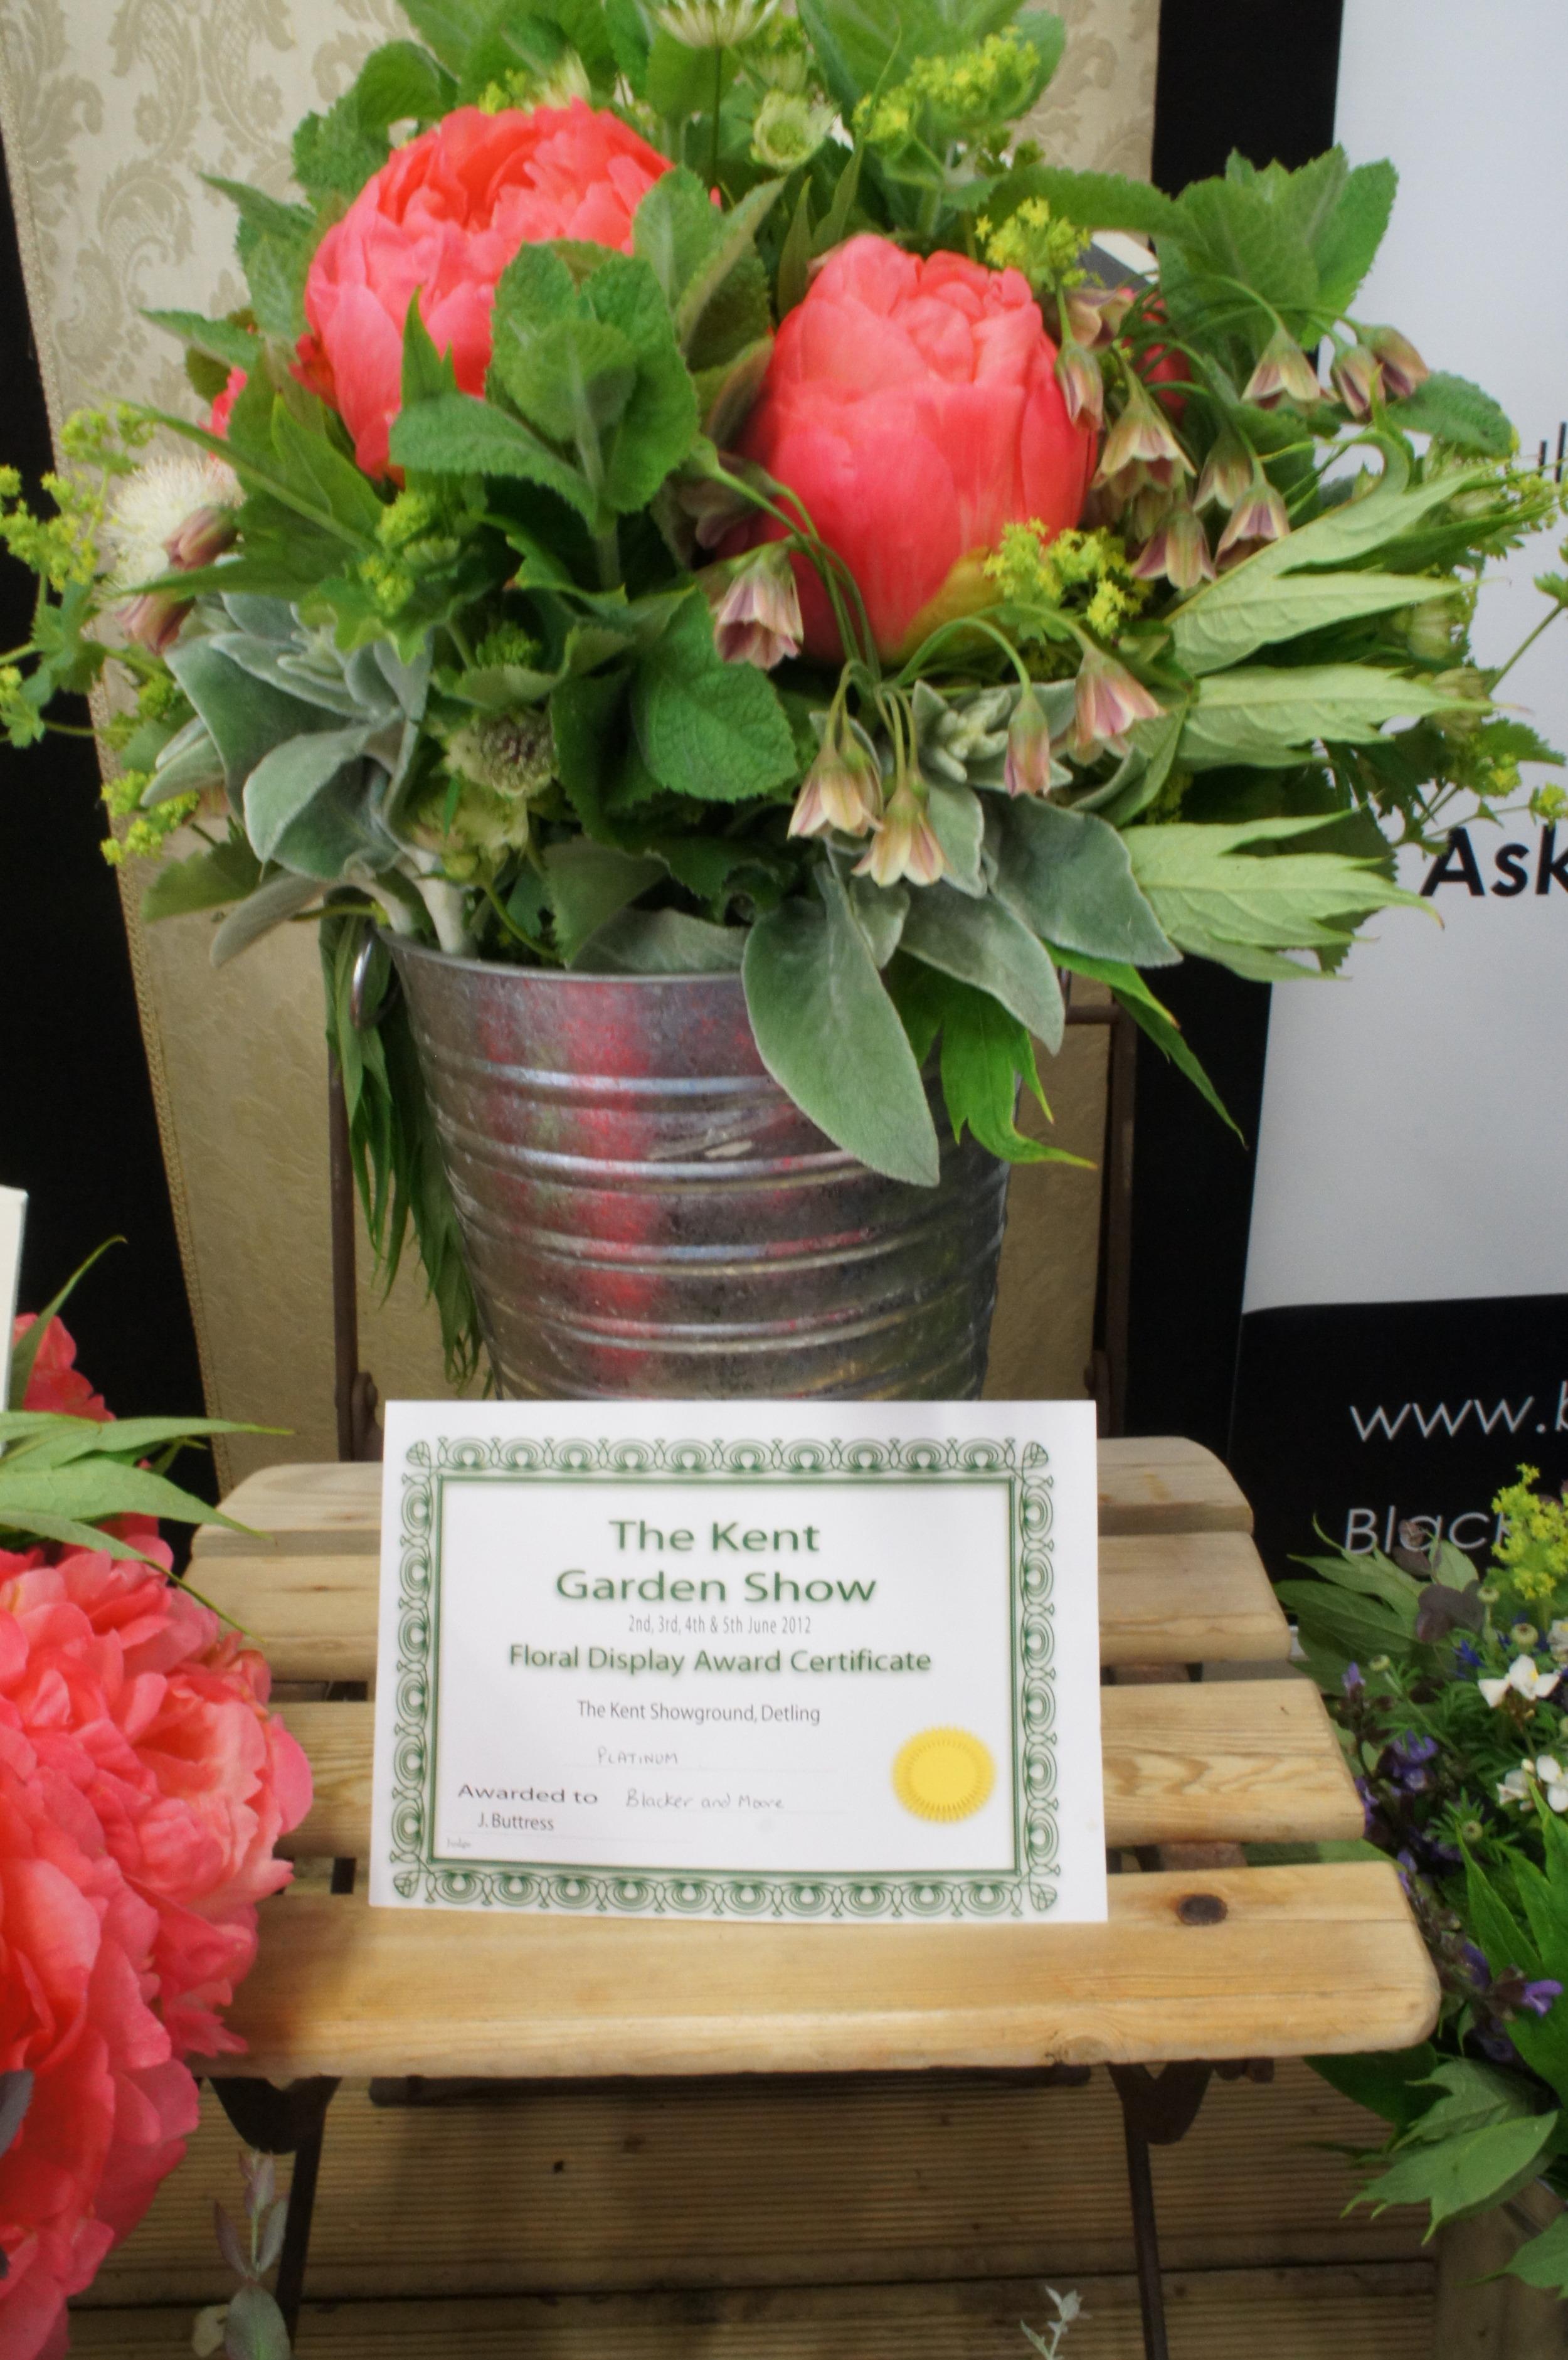 Winning Platinum at the Kent Garden Show